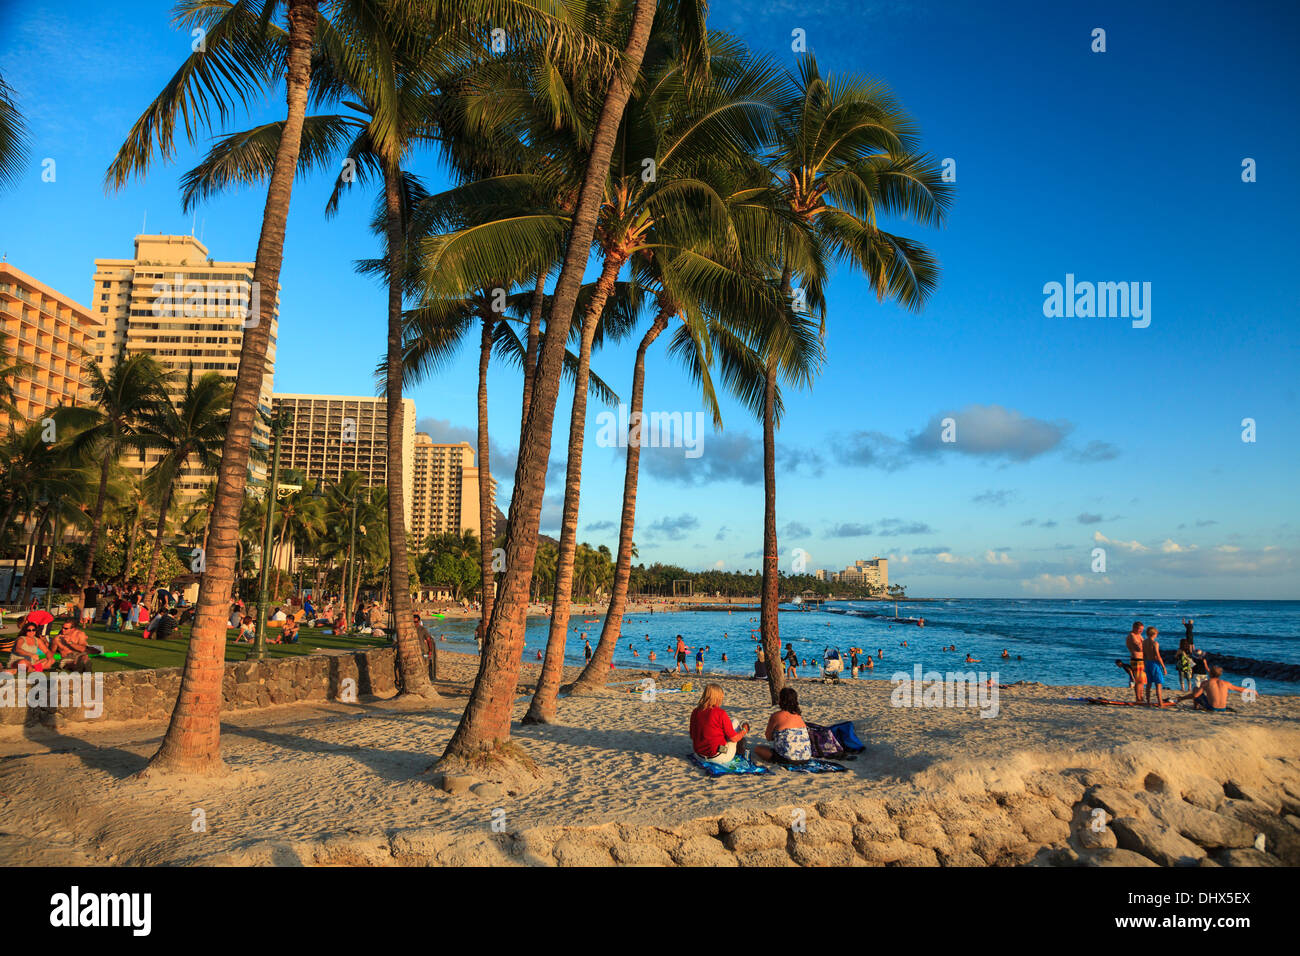 USA, Hawaii, Oahu, Honolulu, Waikiki Beach - Stock Image